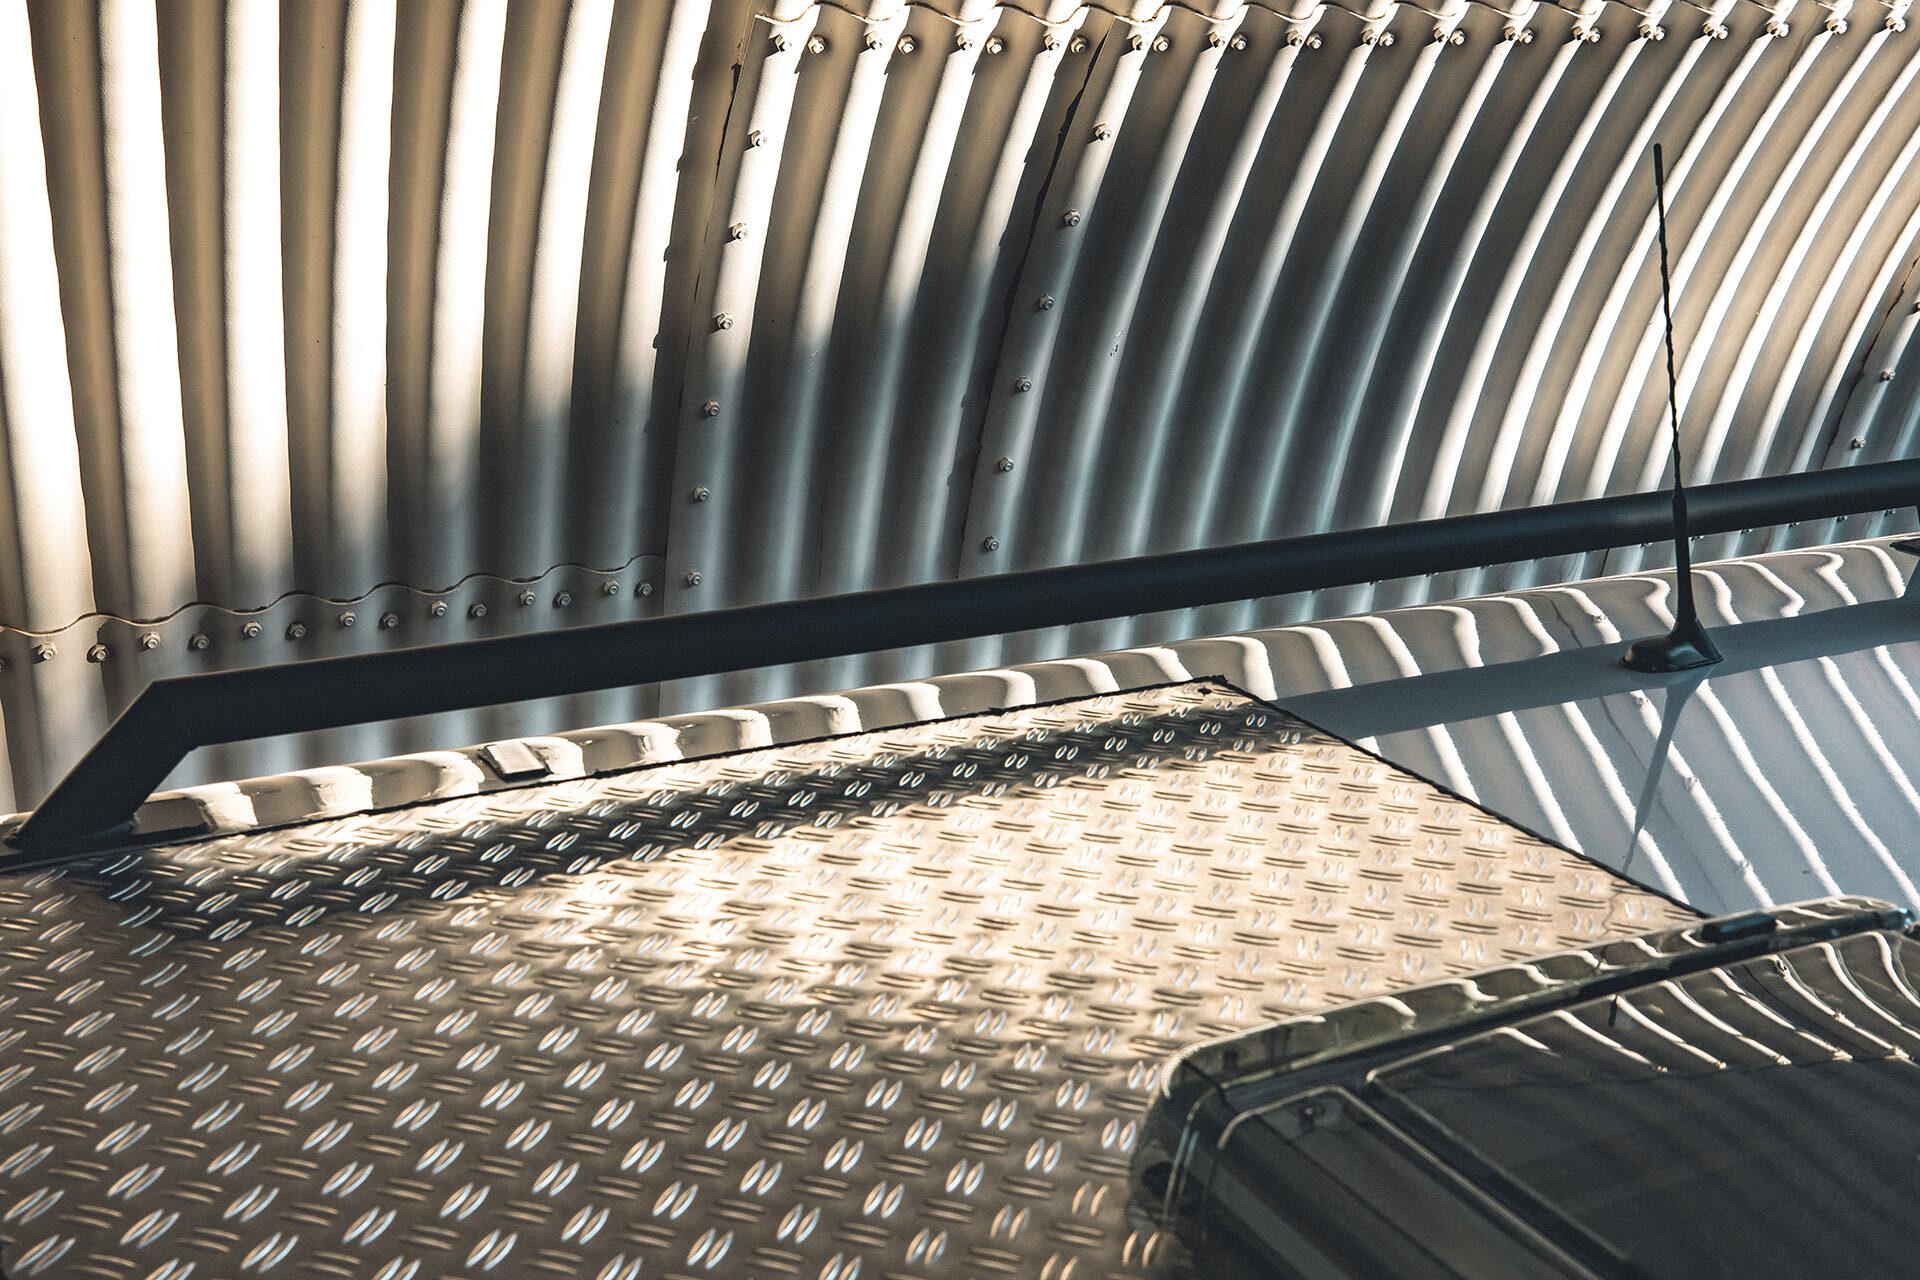 Dachreling auf Sprinter Hymer ML-T 580 4x4